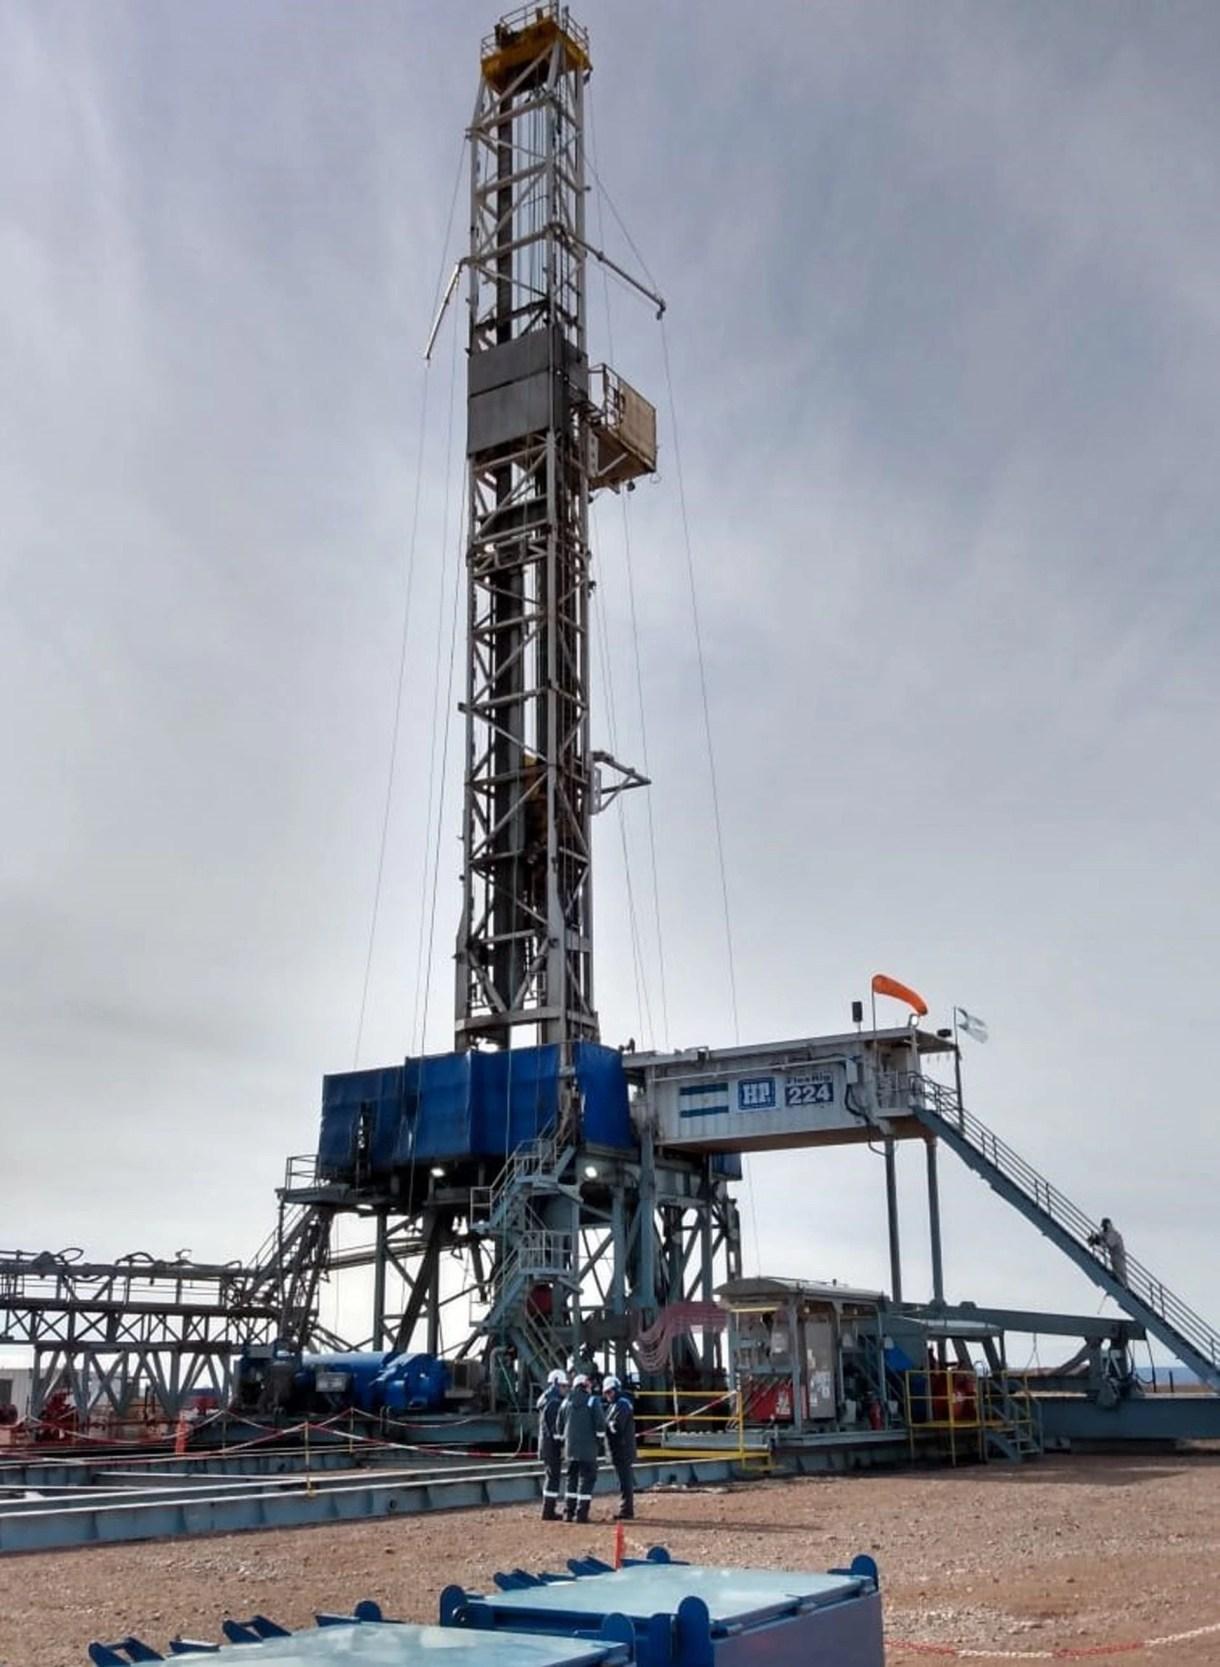 La empresa petrolera nacional concentra el grueso de la explotación en la región y lidera la curva de inversiones y aprendizaje: en menos de cuatro años logró reducir los costos de explotación un 60%, y obtiene gas y petróleo a precios competitivos